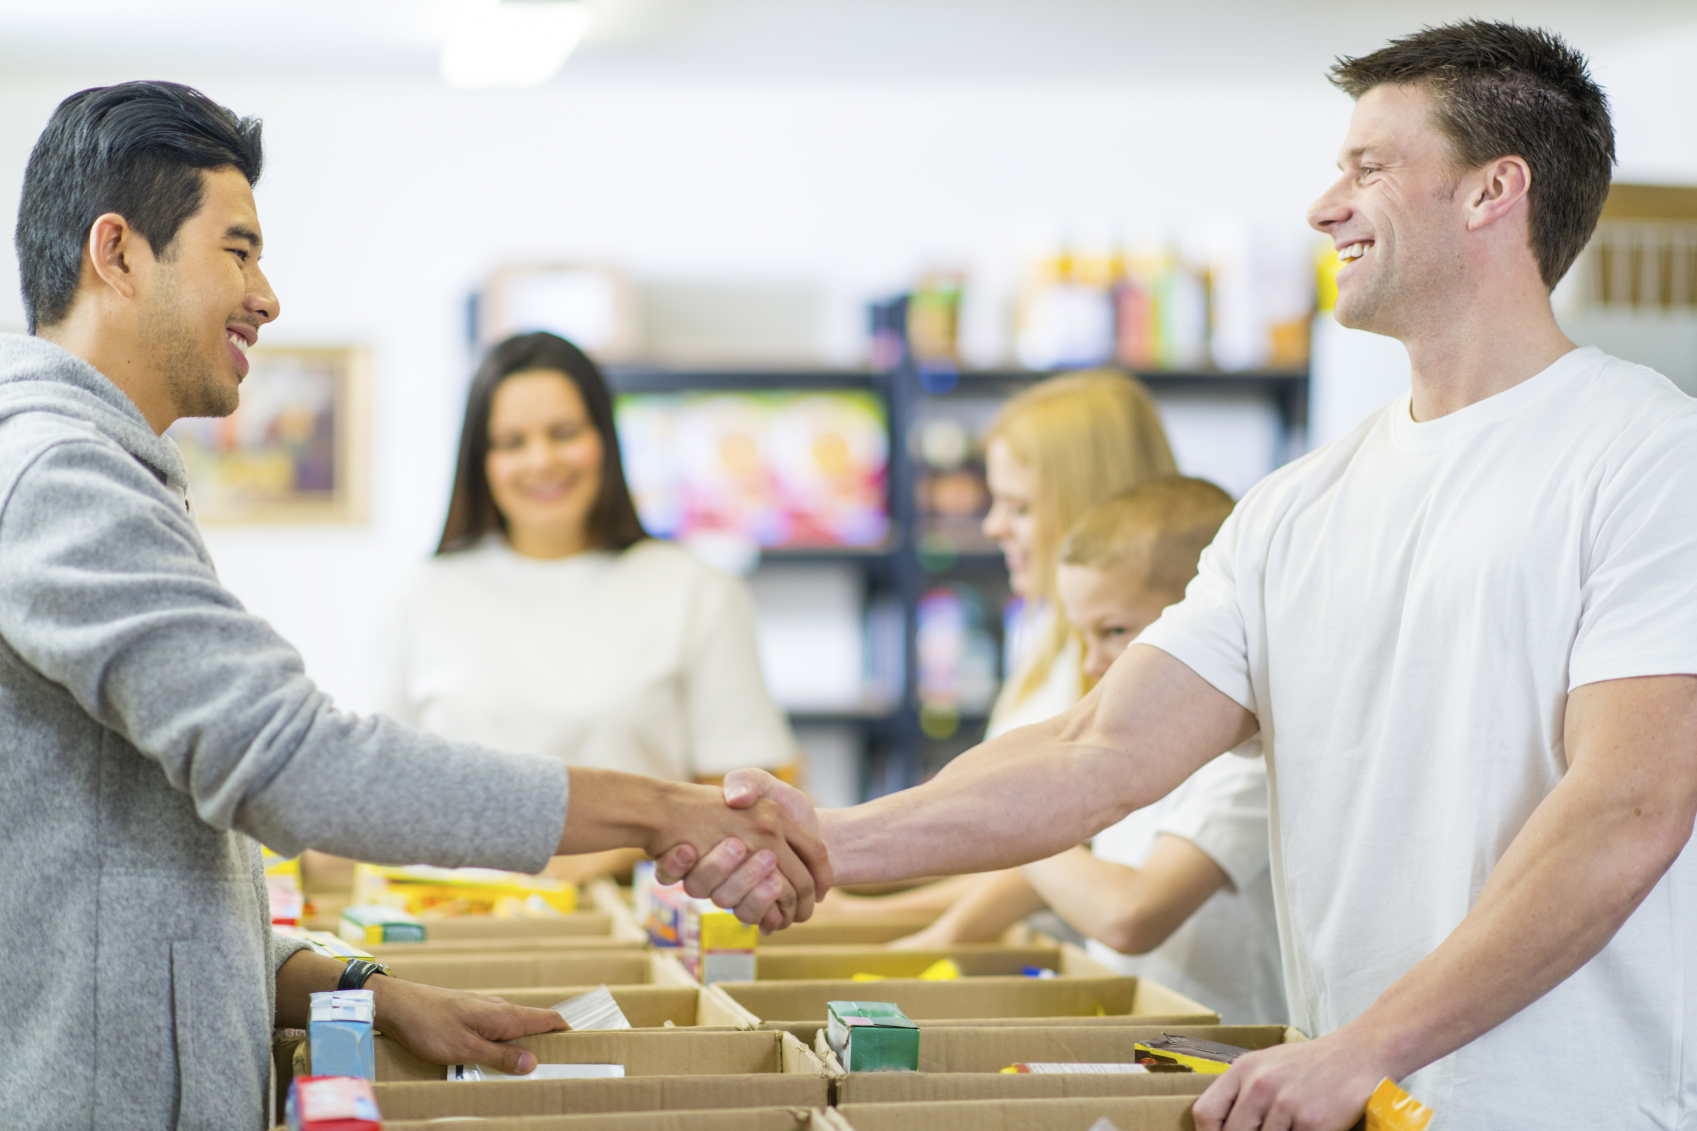 چگونه مشتری خوبی باشیم: تجربه من